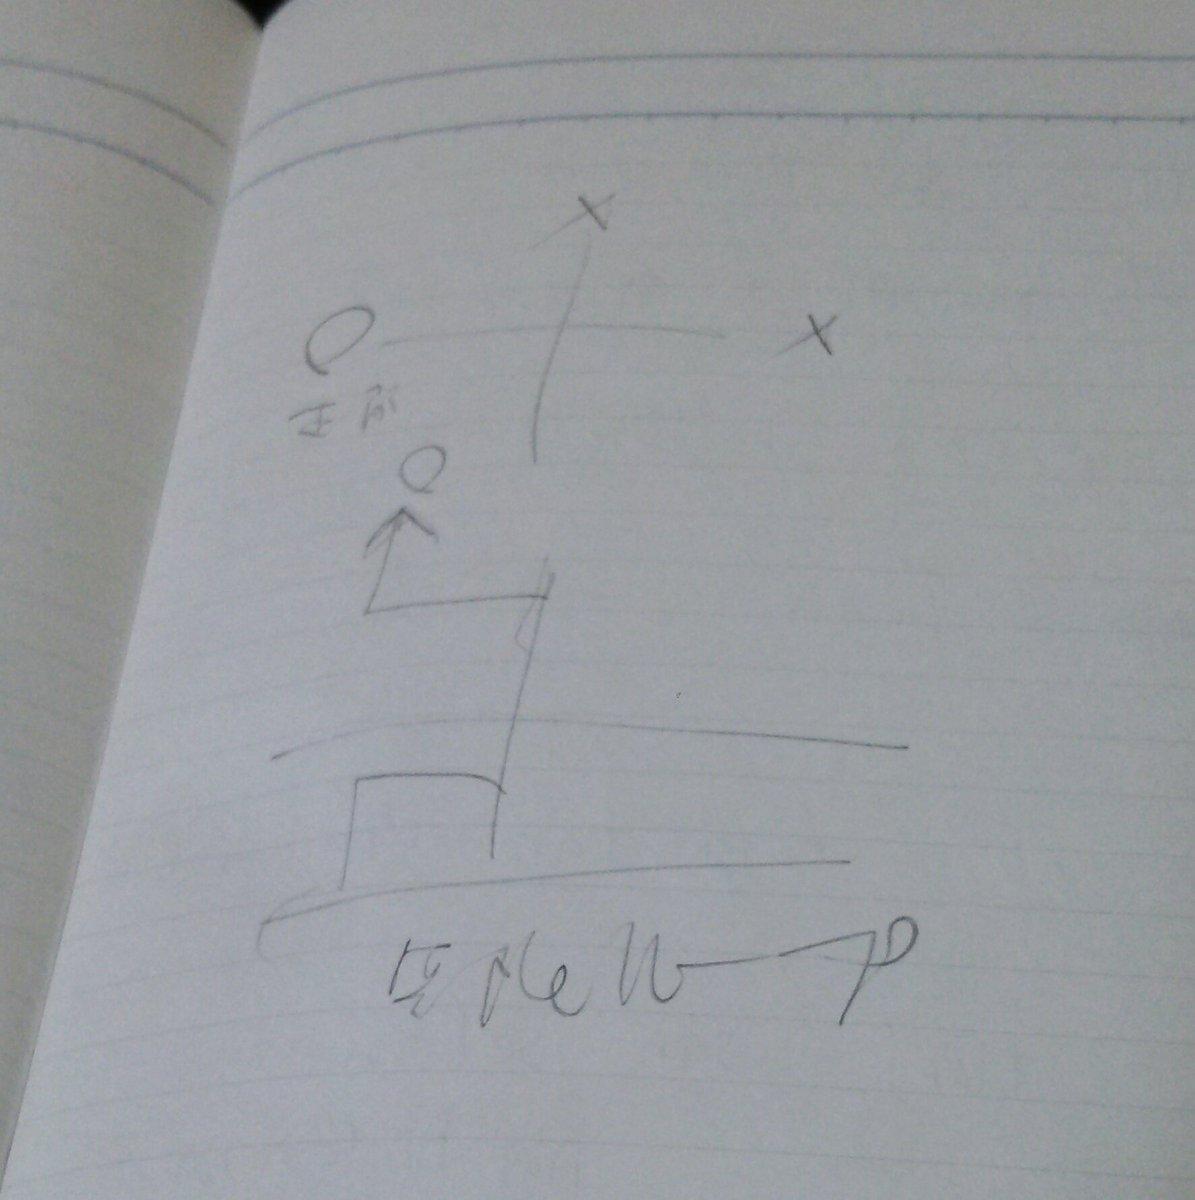 ファミコン版うしおととらのマップ。ランダムで正解ルートが現れ、外れると無限ループというおのれ白面鬼畜ぐぬぬなラストダンジ